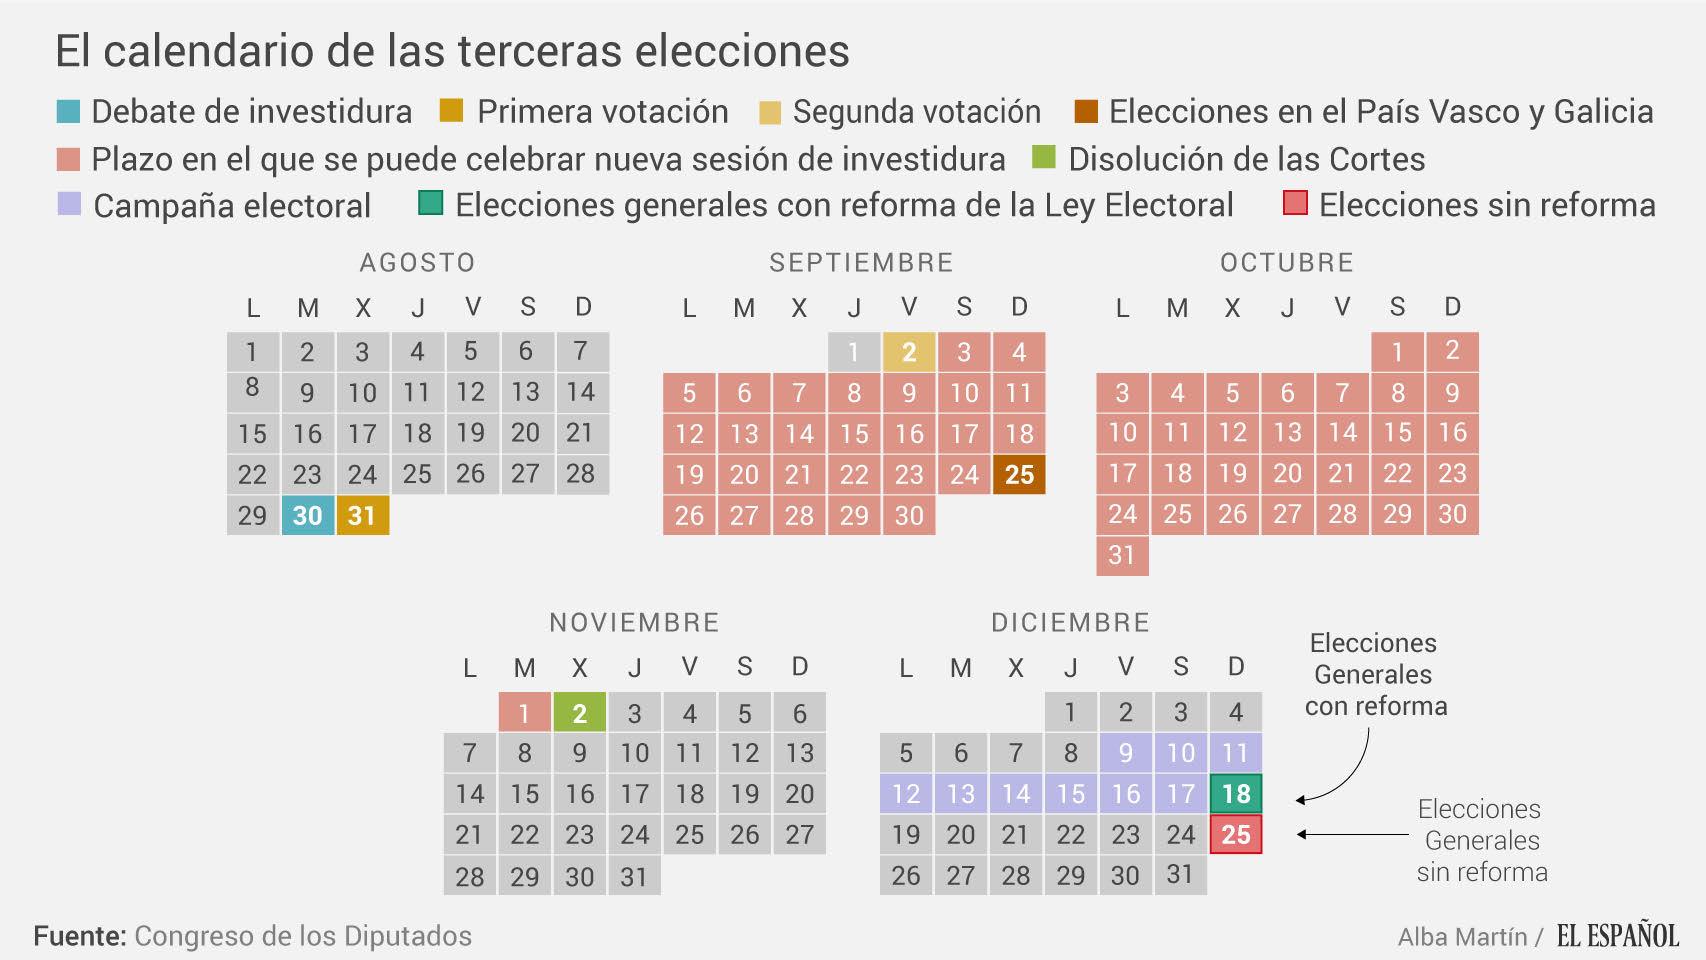 La modificación del calendario que podría realizarse de llevarse a cabo la reforma legal.